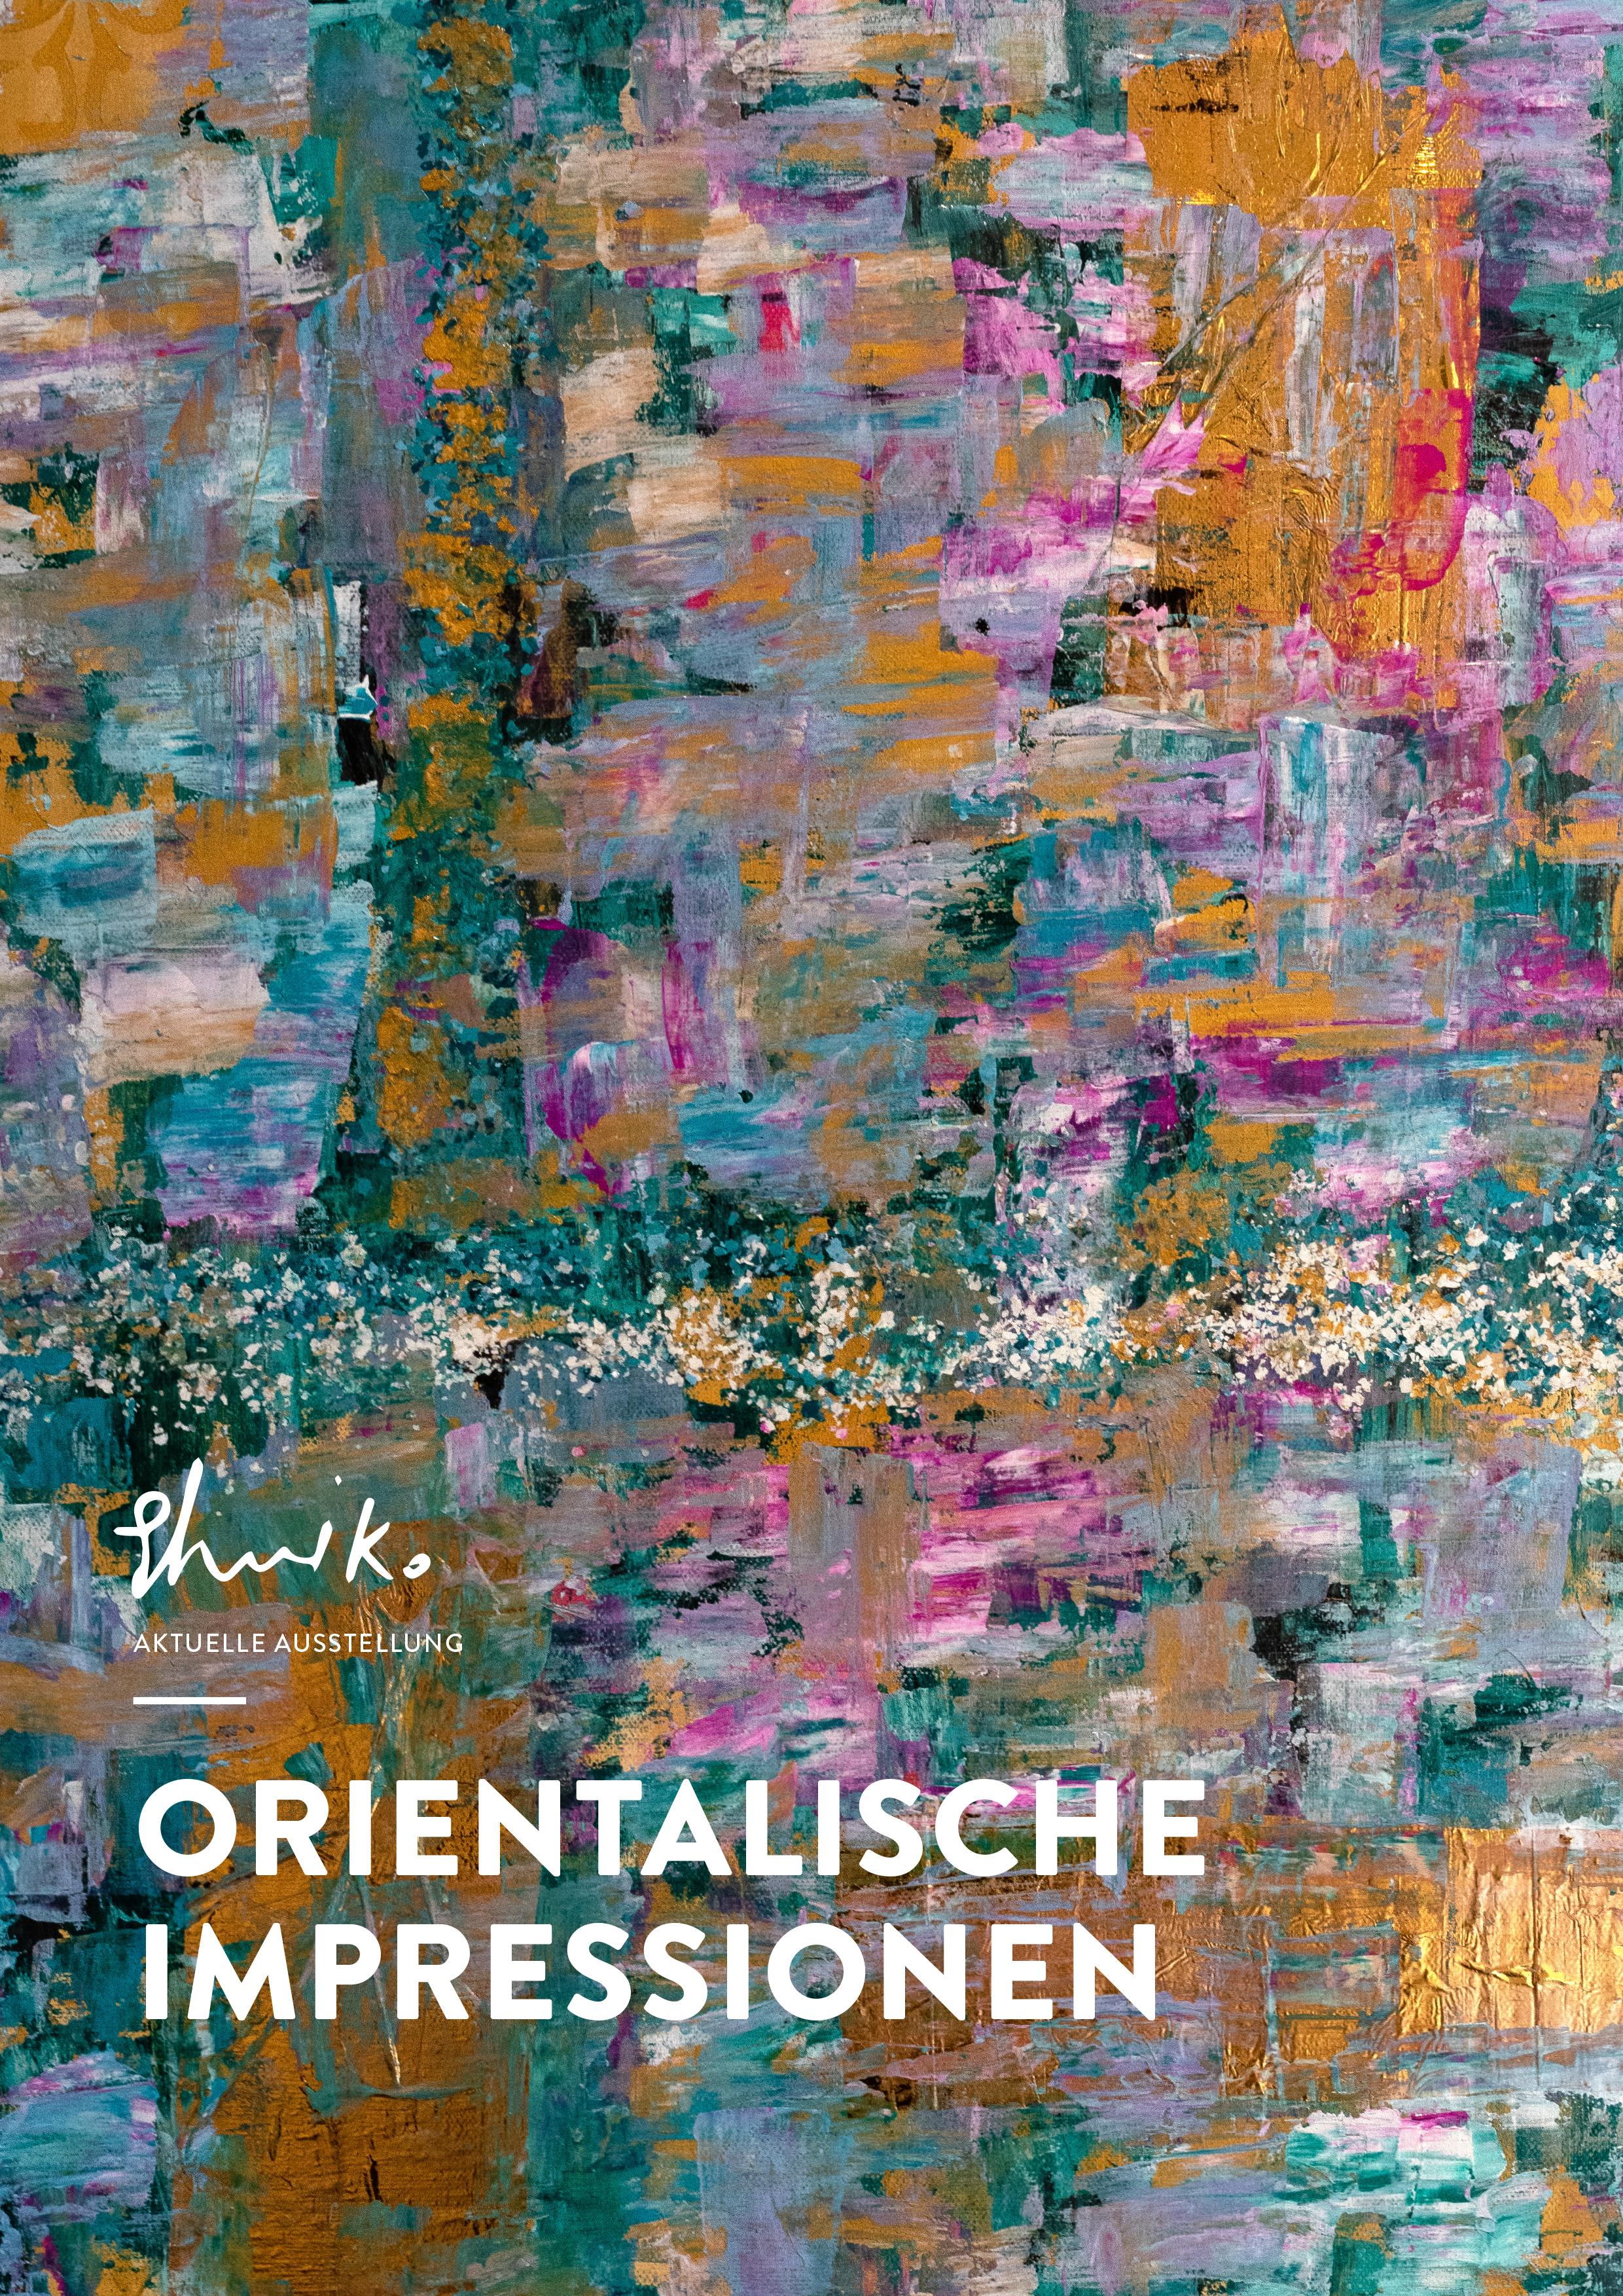 """Aktuelle Ausstellung, """"ORIENTALISCHE IMPRESSIONEN"""""""